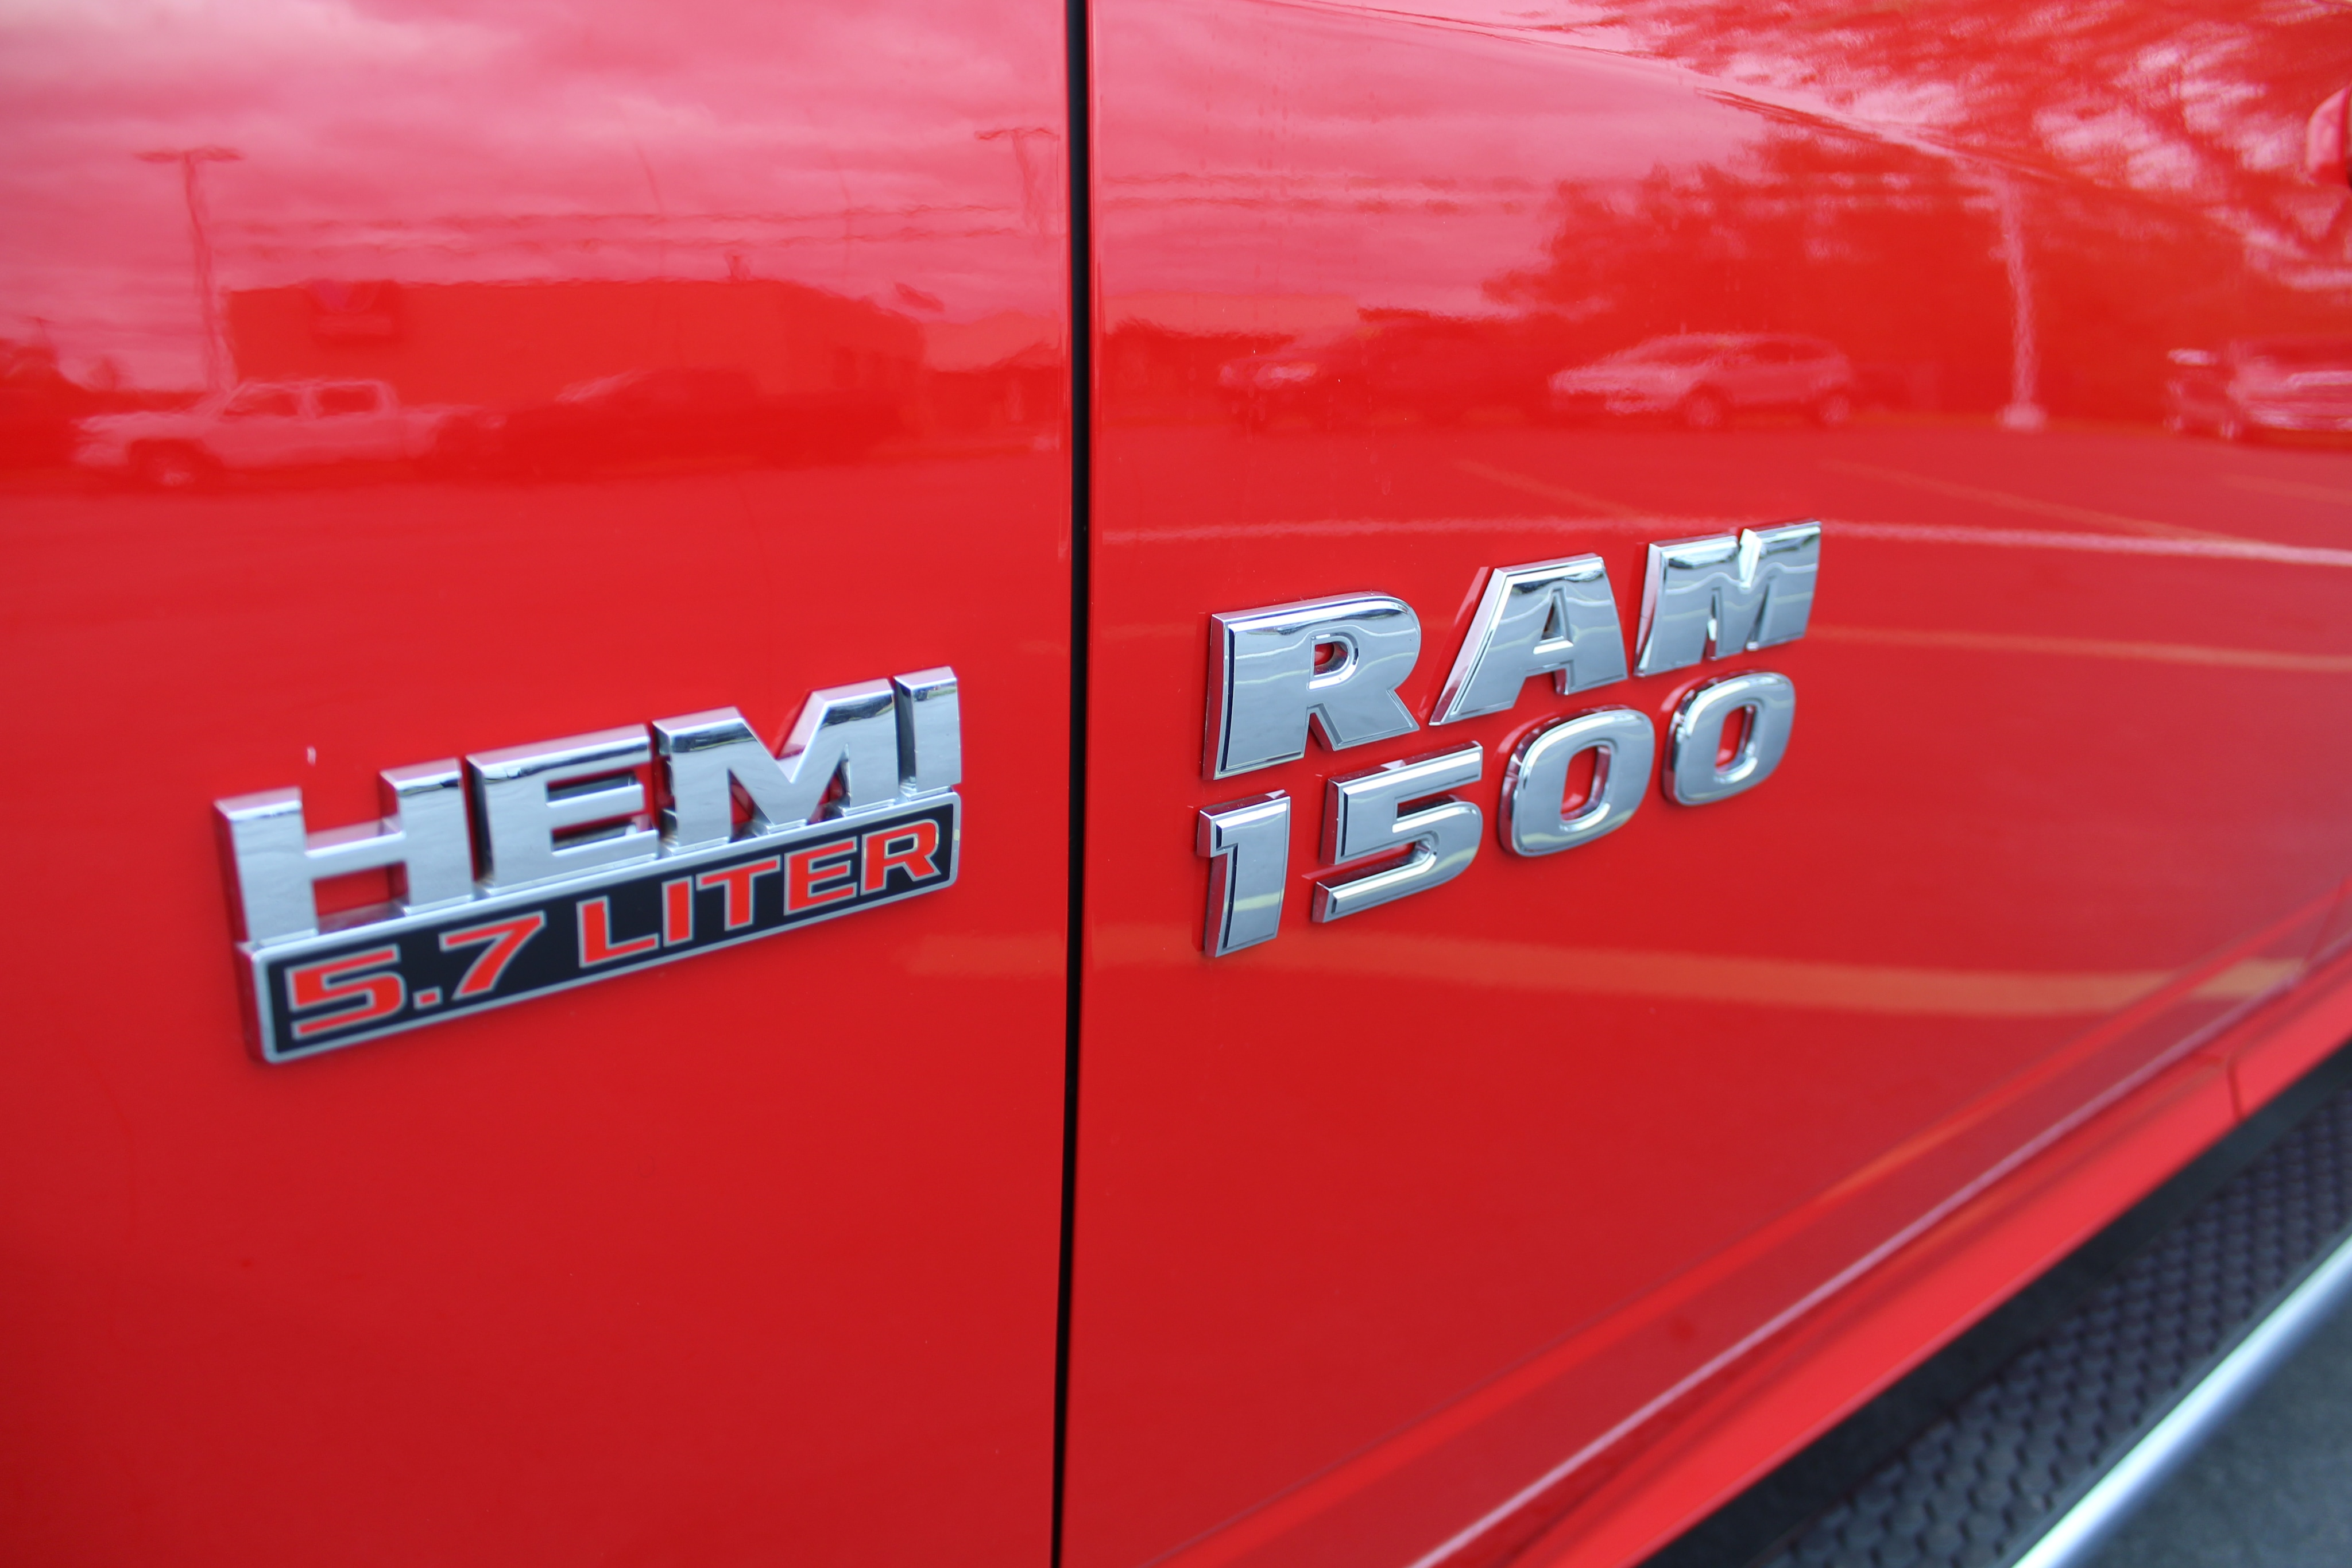 2018 Ram 1500 Short Bed